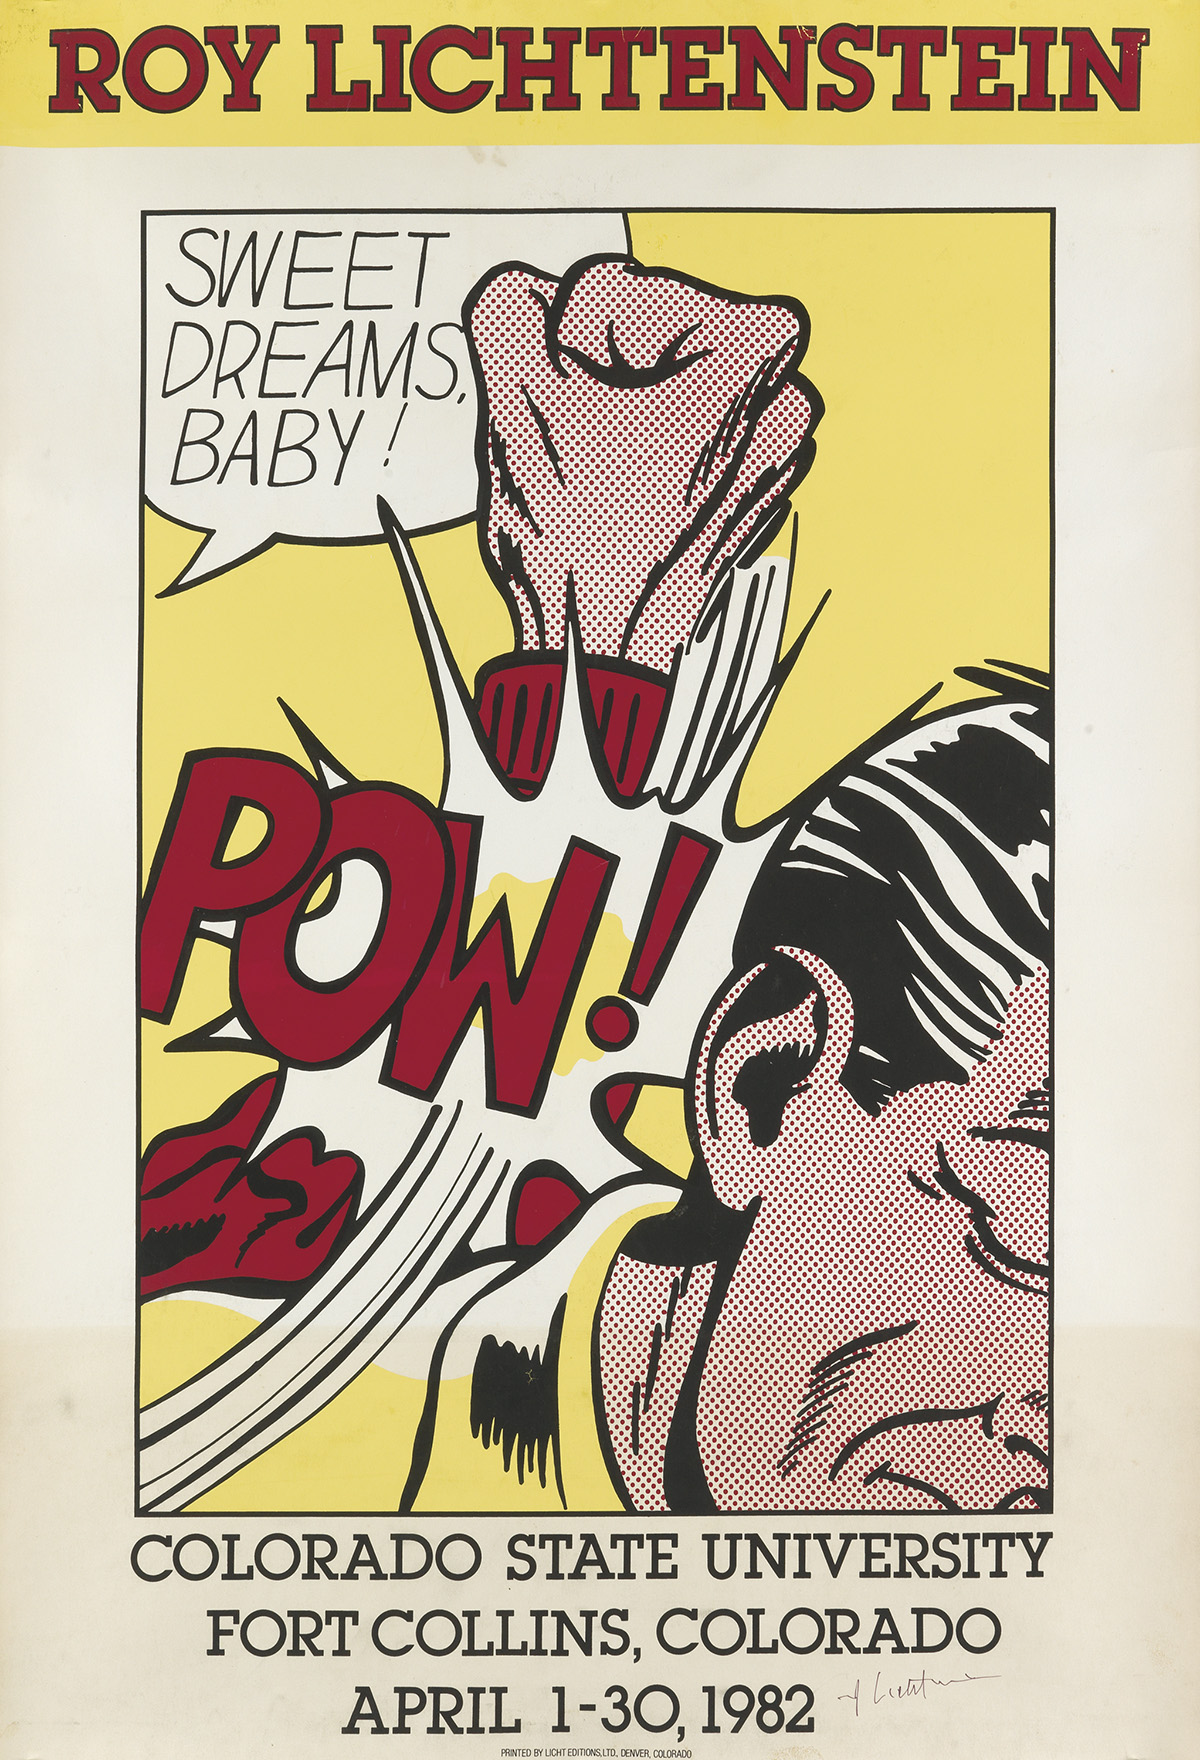 ROY LICHTENSTEIN (1923-1997). ROY LICHTENSTEIN / POW! / COLORADO STATE UNIVERSITY. 1982. 32x23 inches, 83x58 cm. Licht Editions, Ltd.,